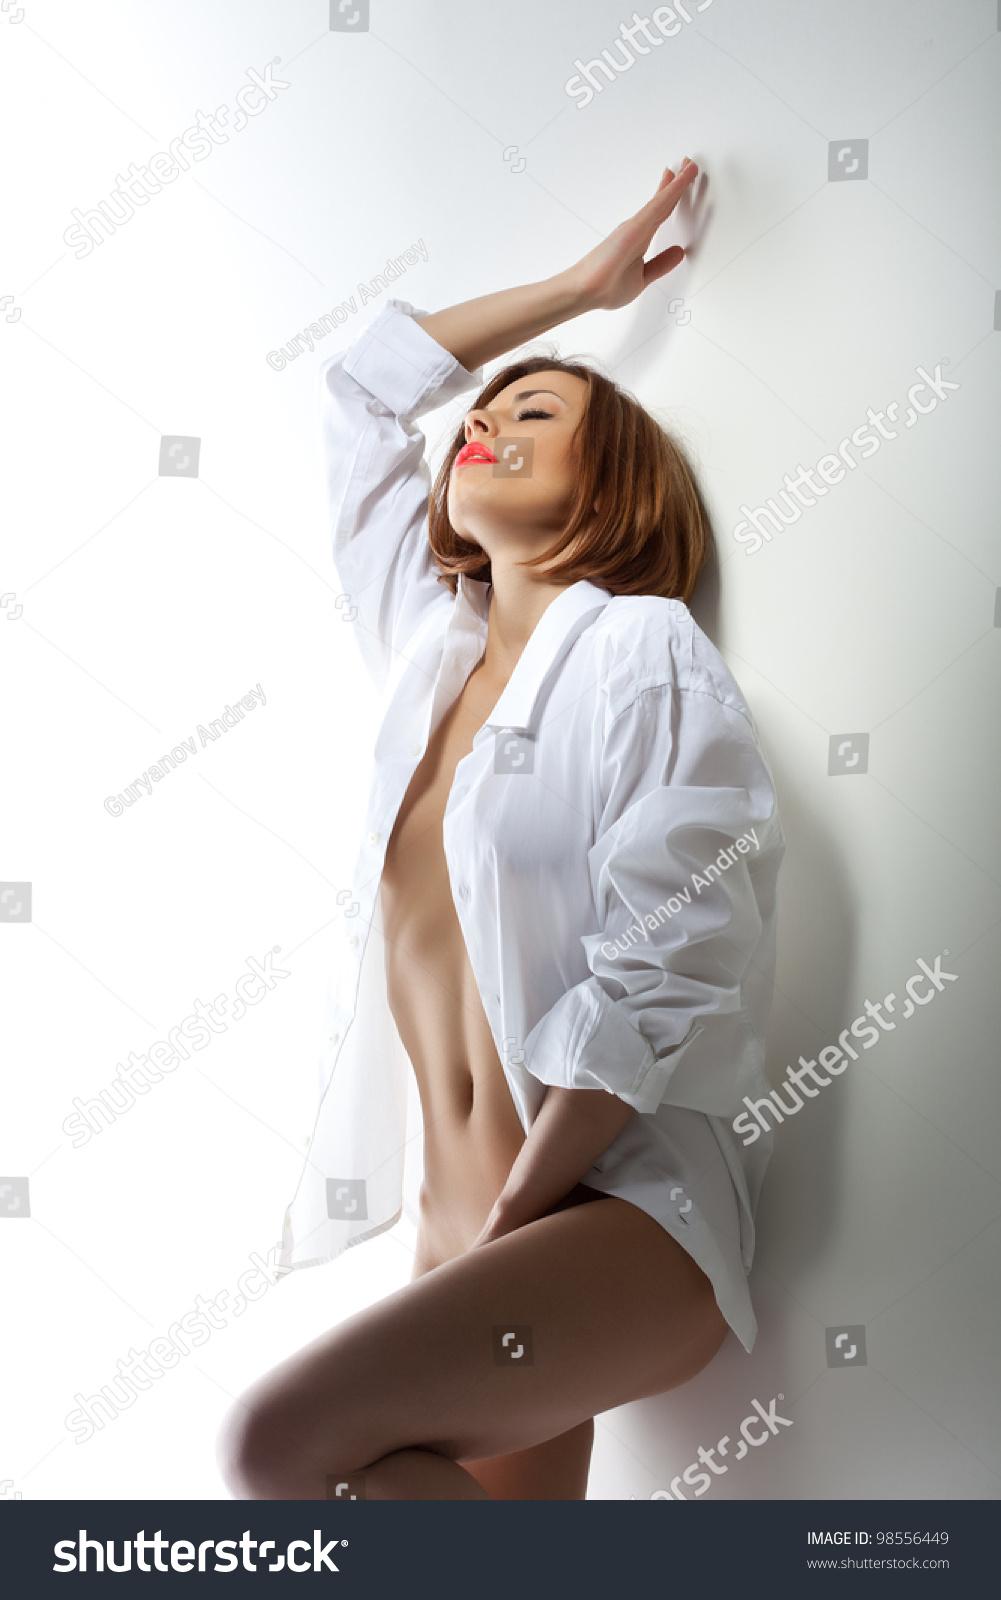 Сексуальная фотосессия в белой рубашке 1 фотография